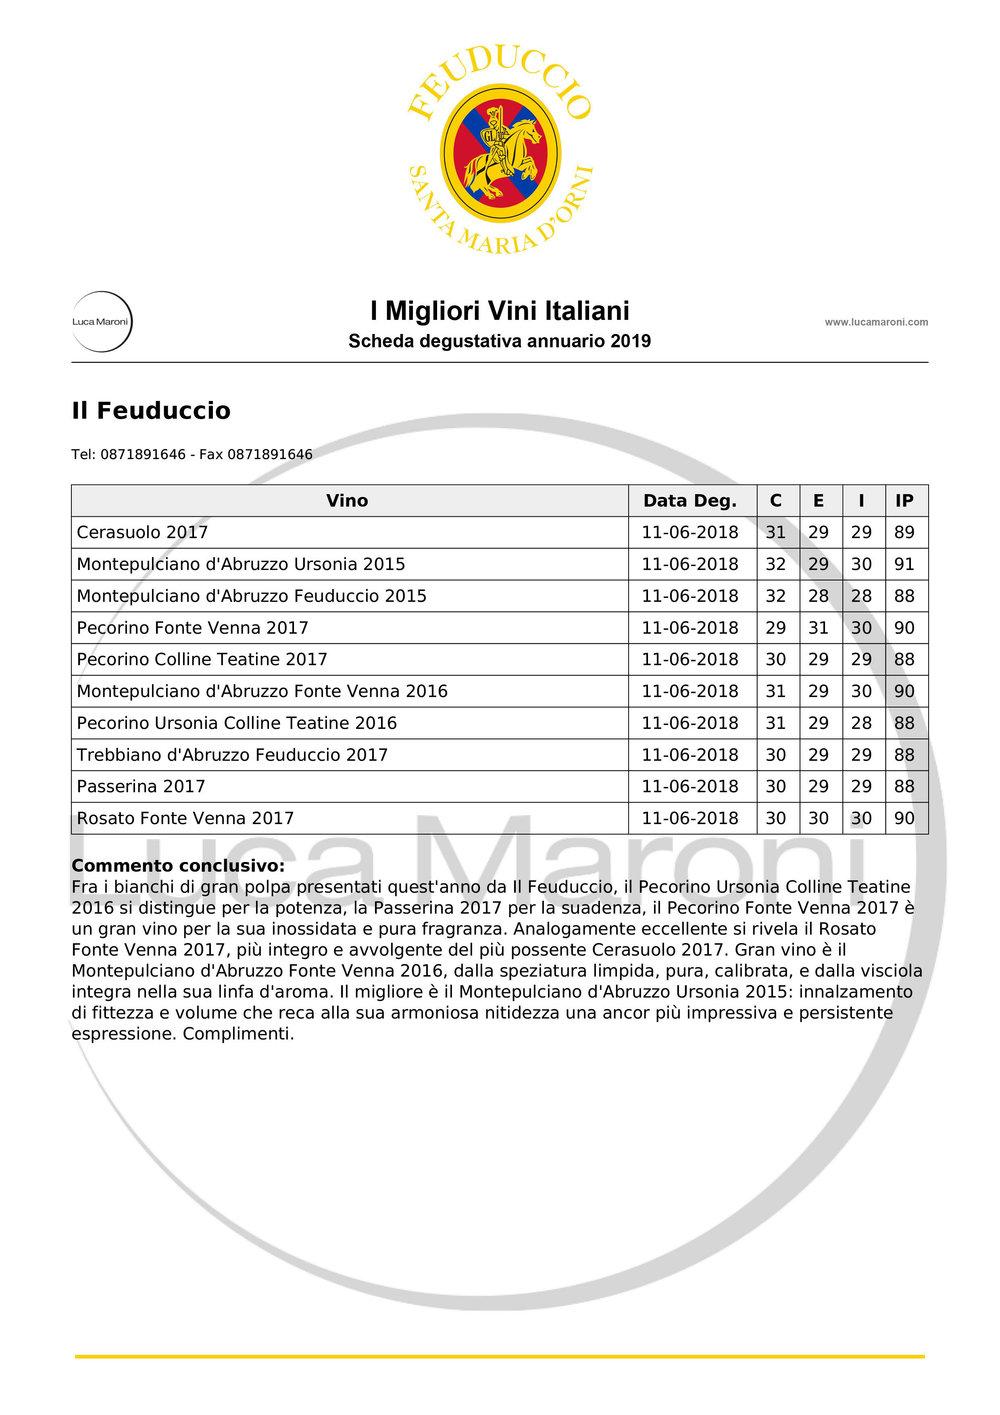 Maroni Annuario 2019_Il Feuduccio (2).jpg